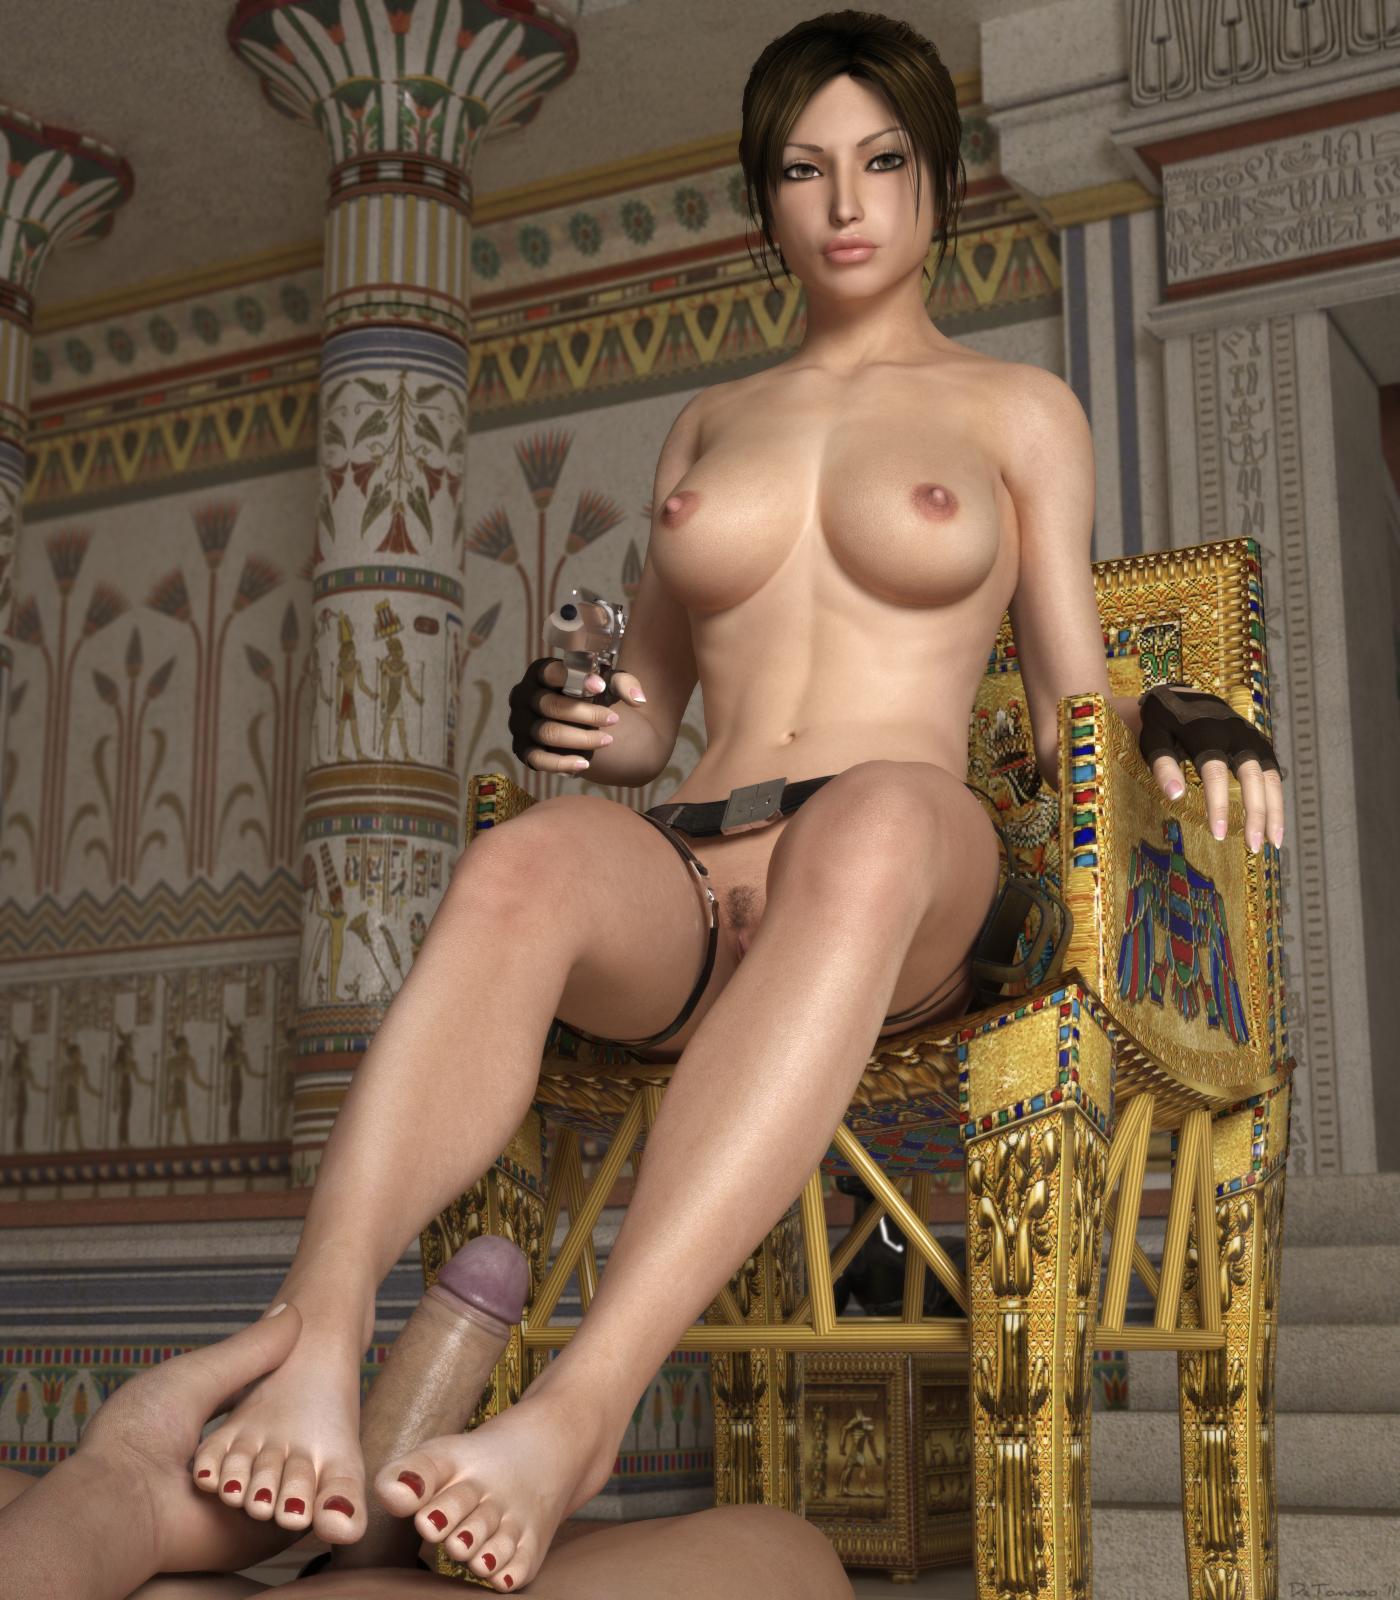 Lara croft nude footjob